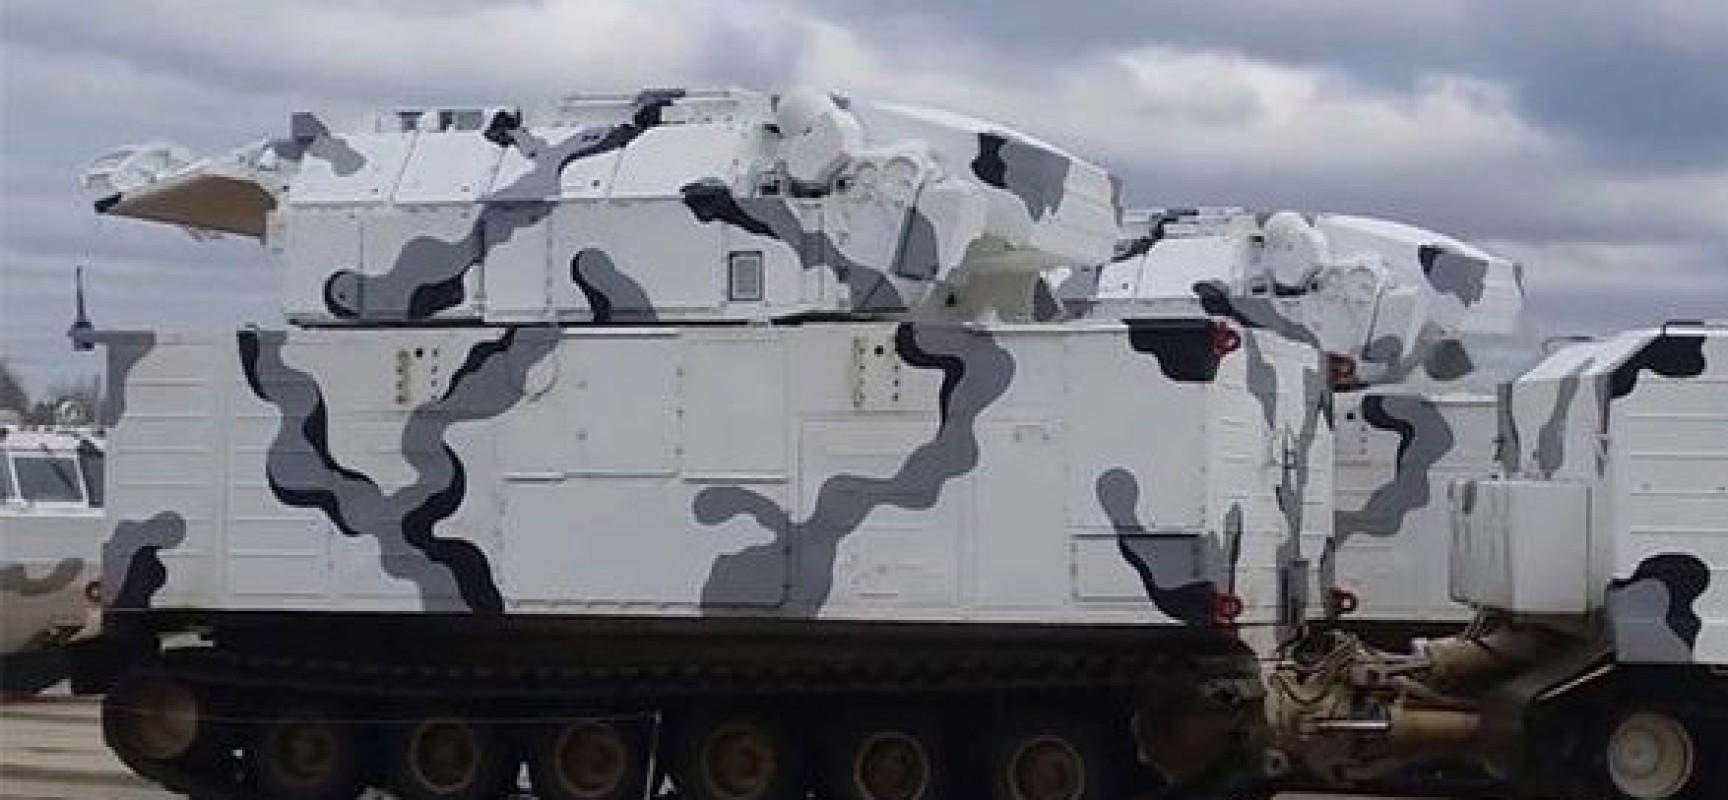 Des armes secrètes arctiques russes dévoilées